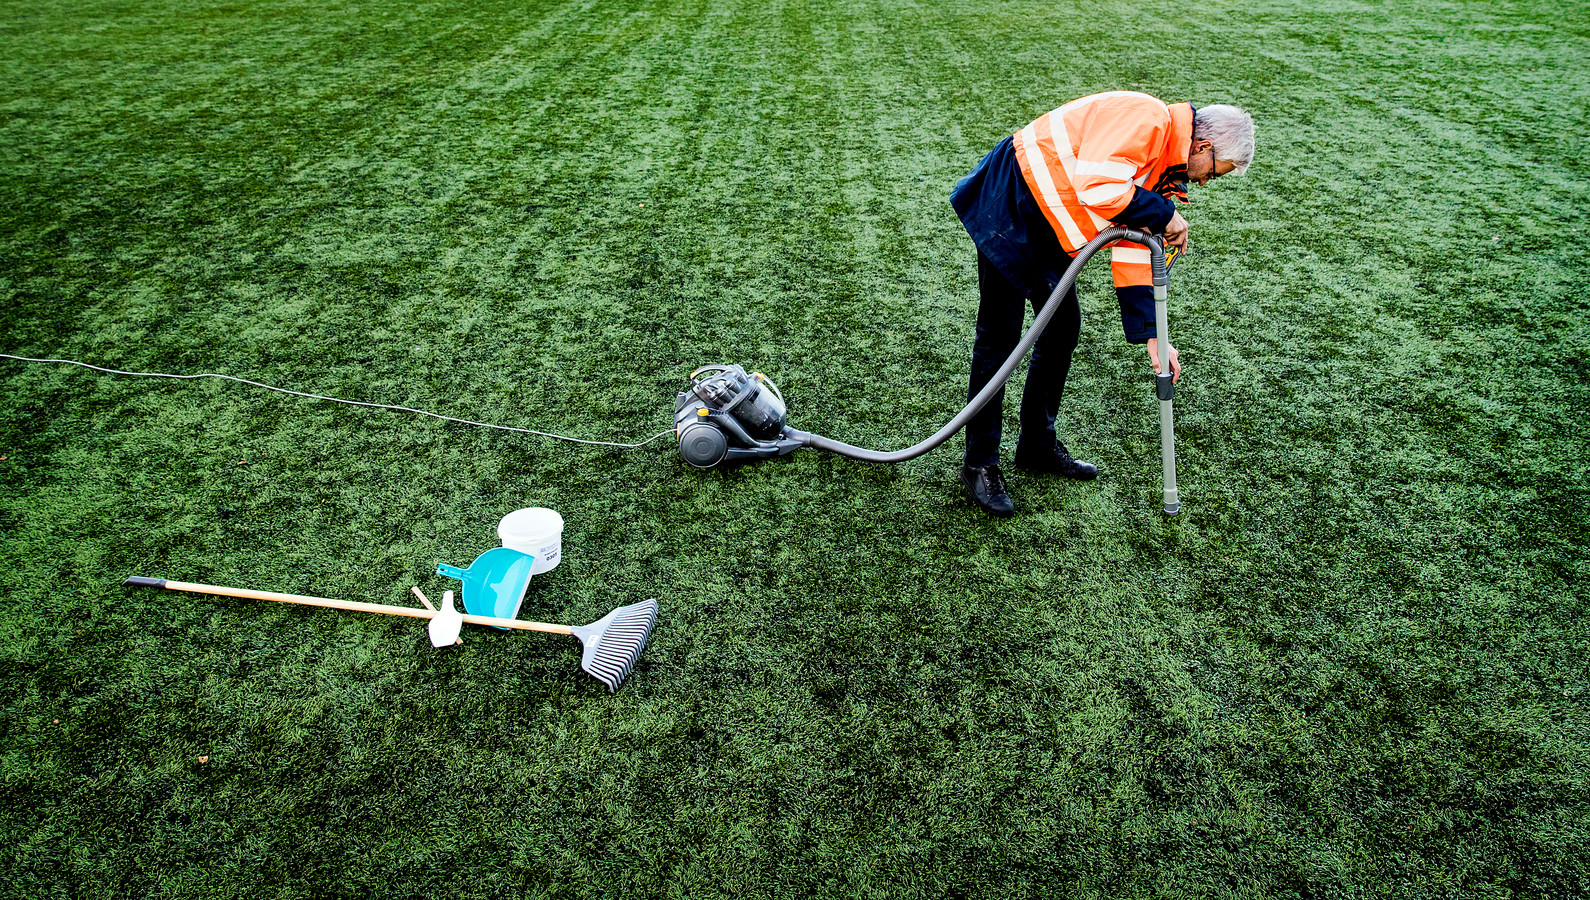 Een medewerker van Vereniging Band en Milieu verzamelt rubberkorrels op een voetbalveld van kunstgras van voetbalvereniging Roda 23.